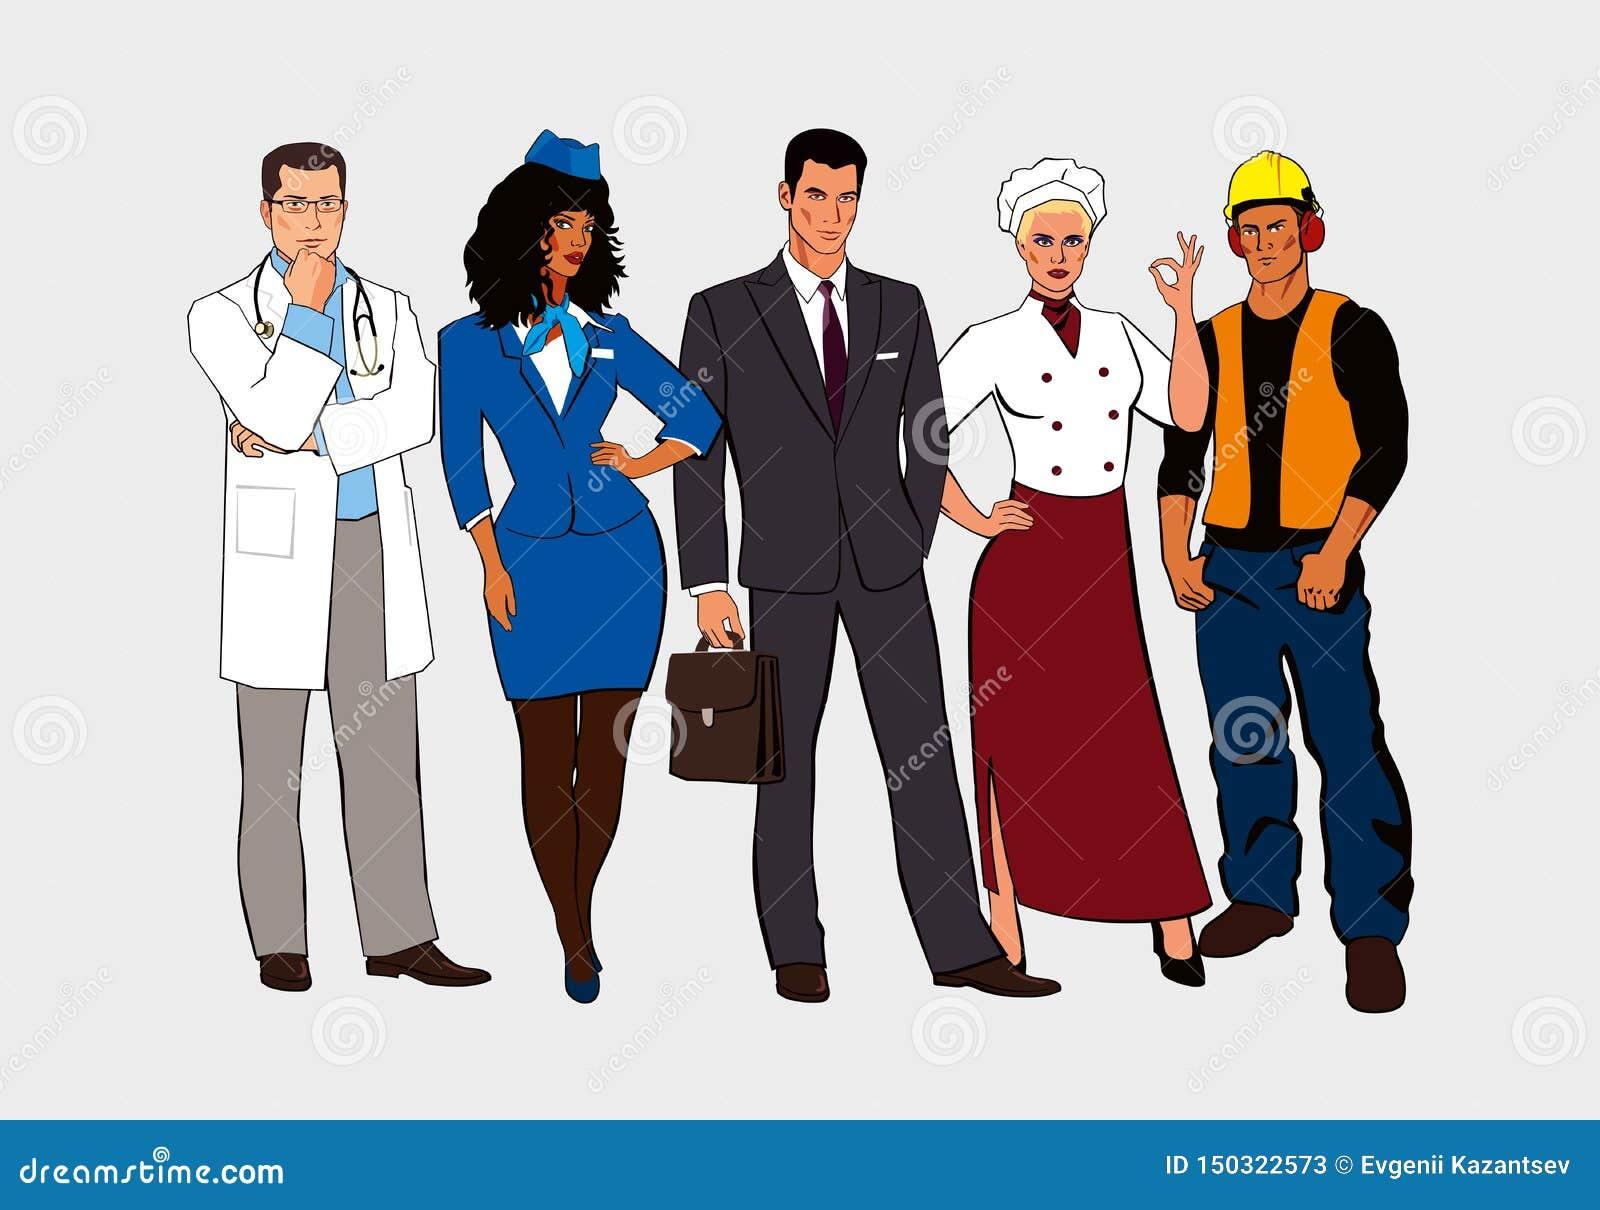 Gli uomini e le donne disegnati delle professioni differenti stanno insieme